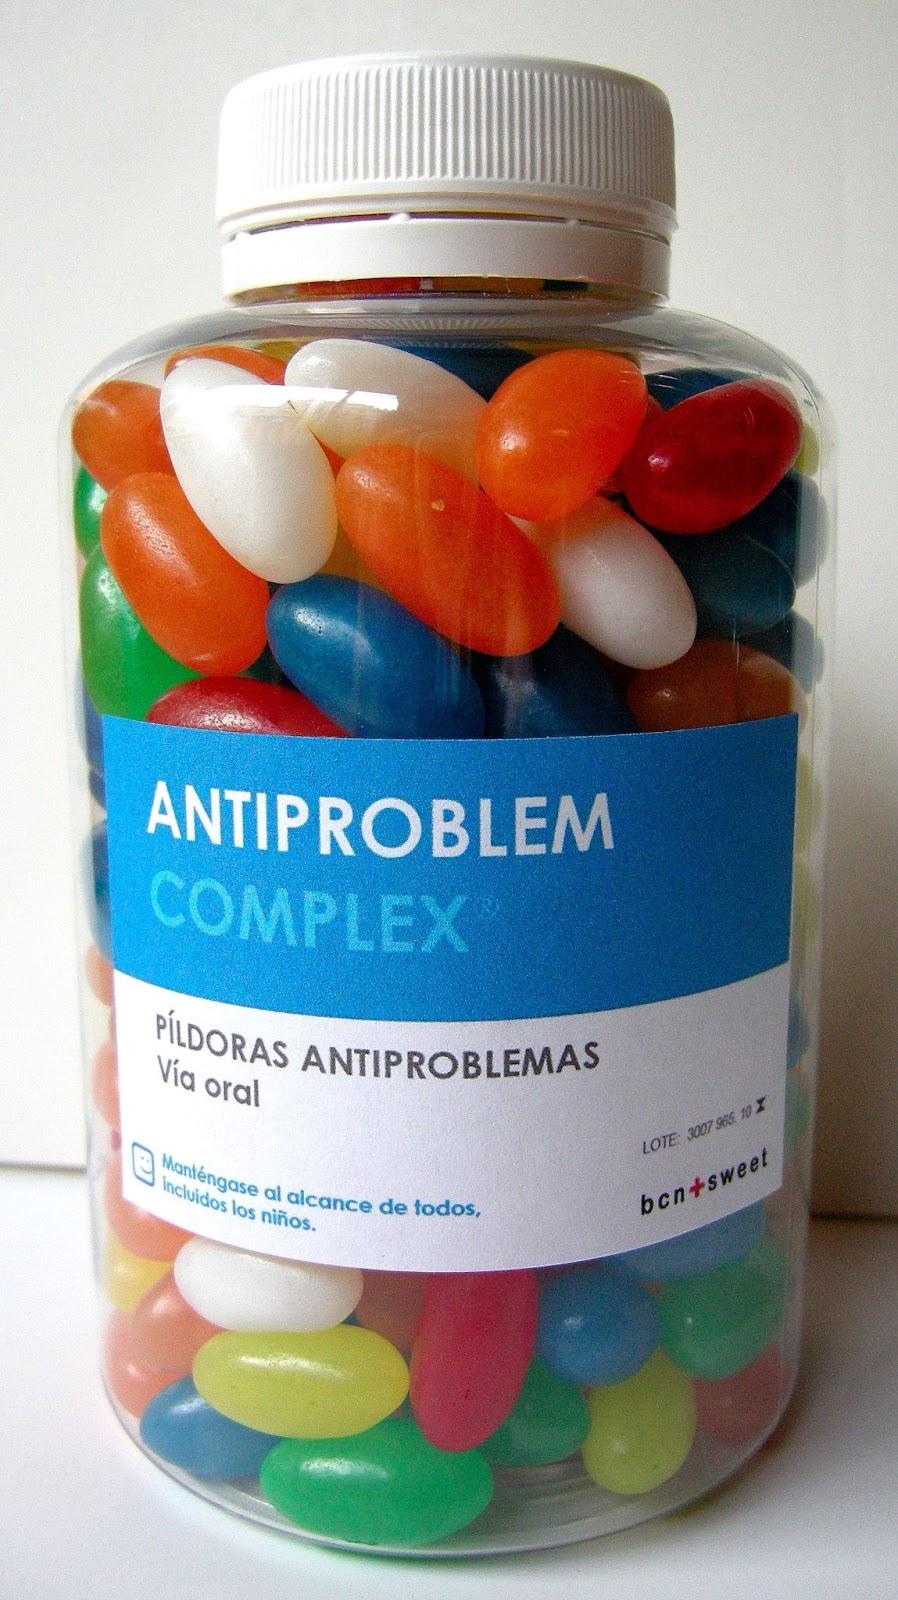 """A imagem é uma embalagem de pílulas de remédio cheia de balas de jujuba. A embalagem diz """"complexo antiproblemas. Pílulas antiproblemas. via oral. Mantenha ao alcance de todos, inclusive crianças"""""""